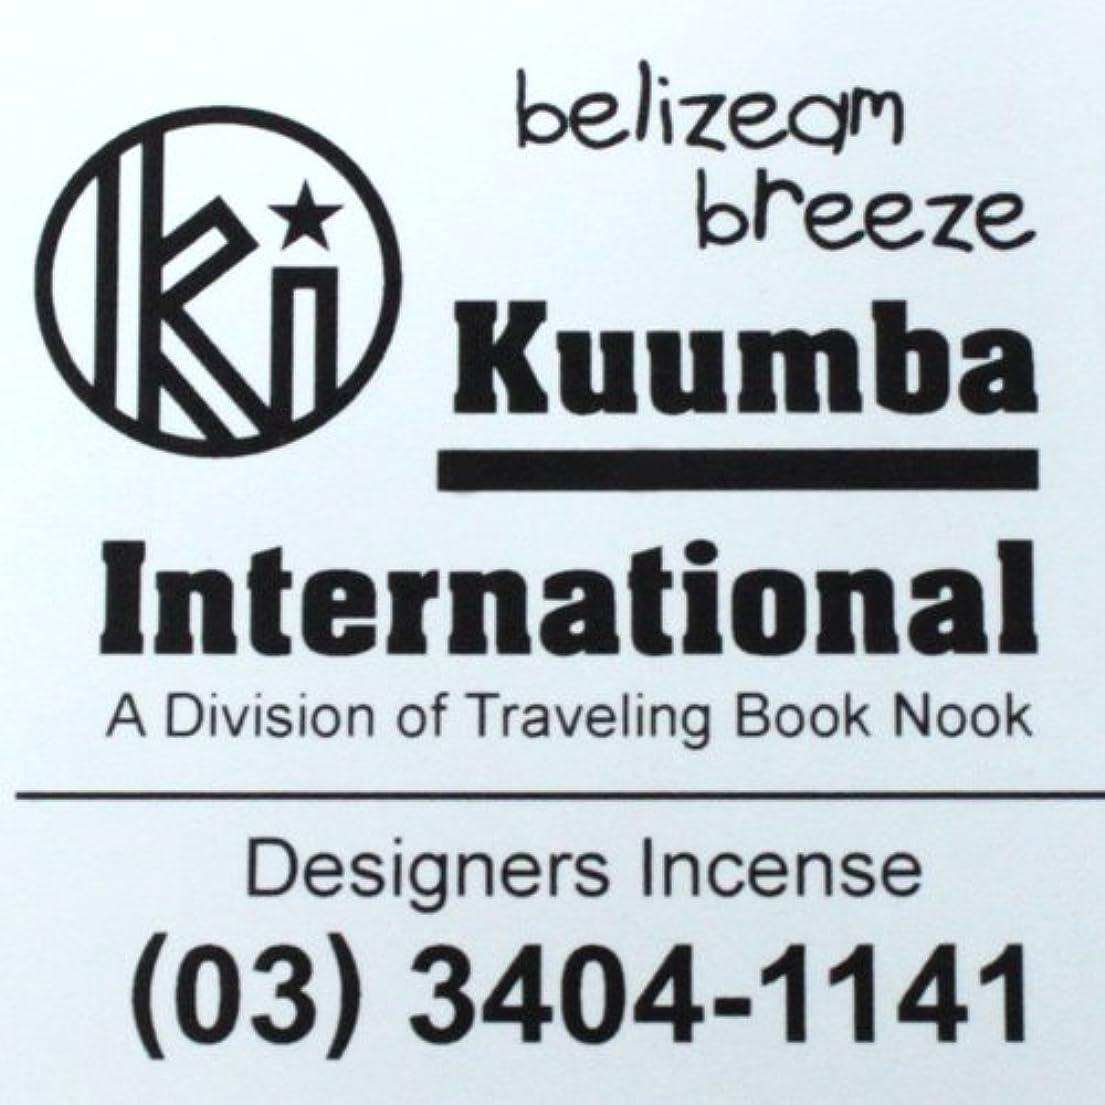 騒乱遠え彼女KUUMBA (クンバ)『incense』(belizeam breeze) (Regular size)